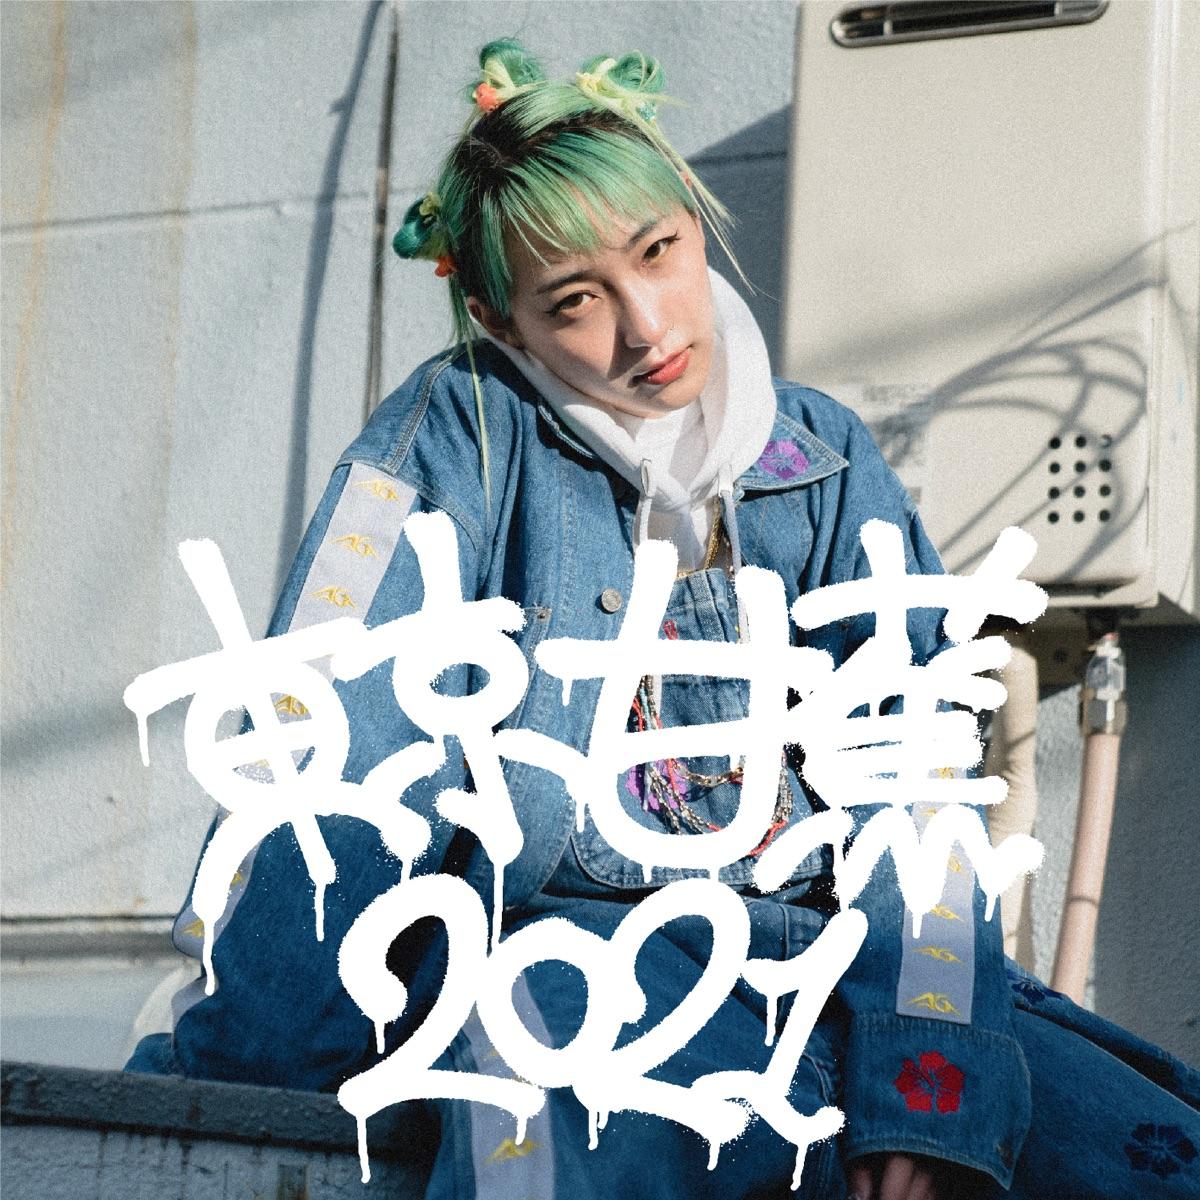 『あっこゴリラ - TOKYO BANANA 2021』収録の『TOKYO BANANA 2021』ジャケット